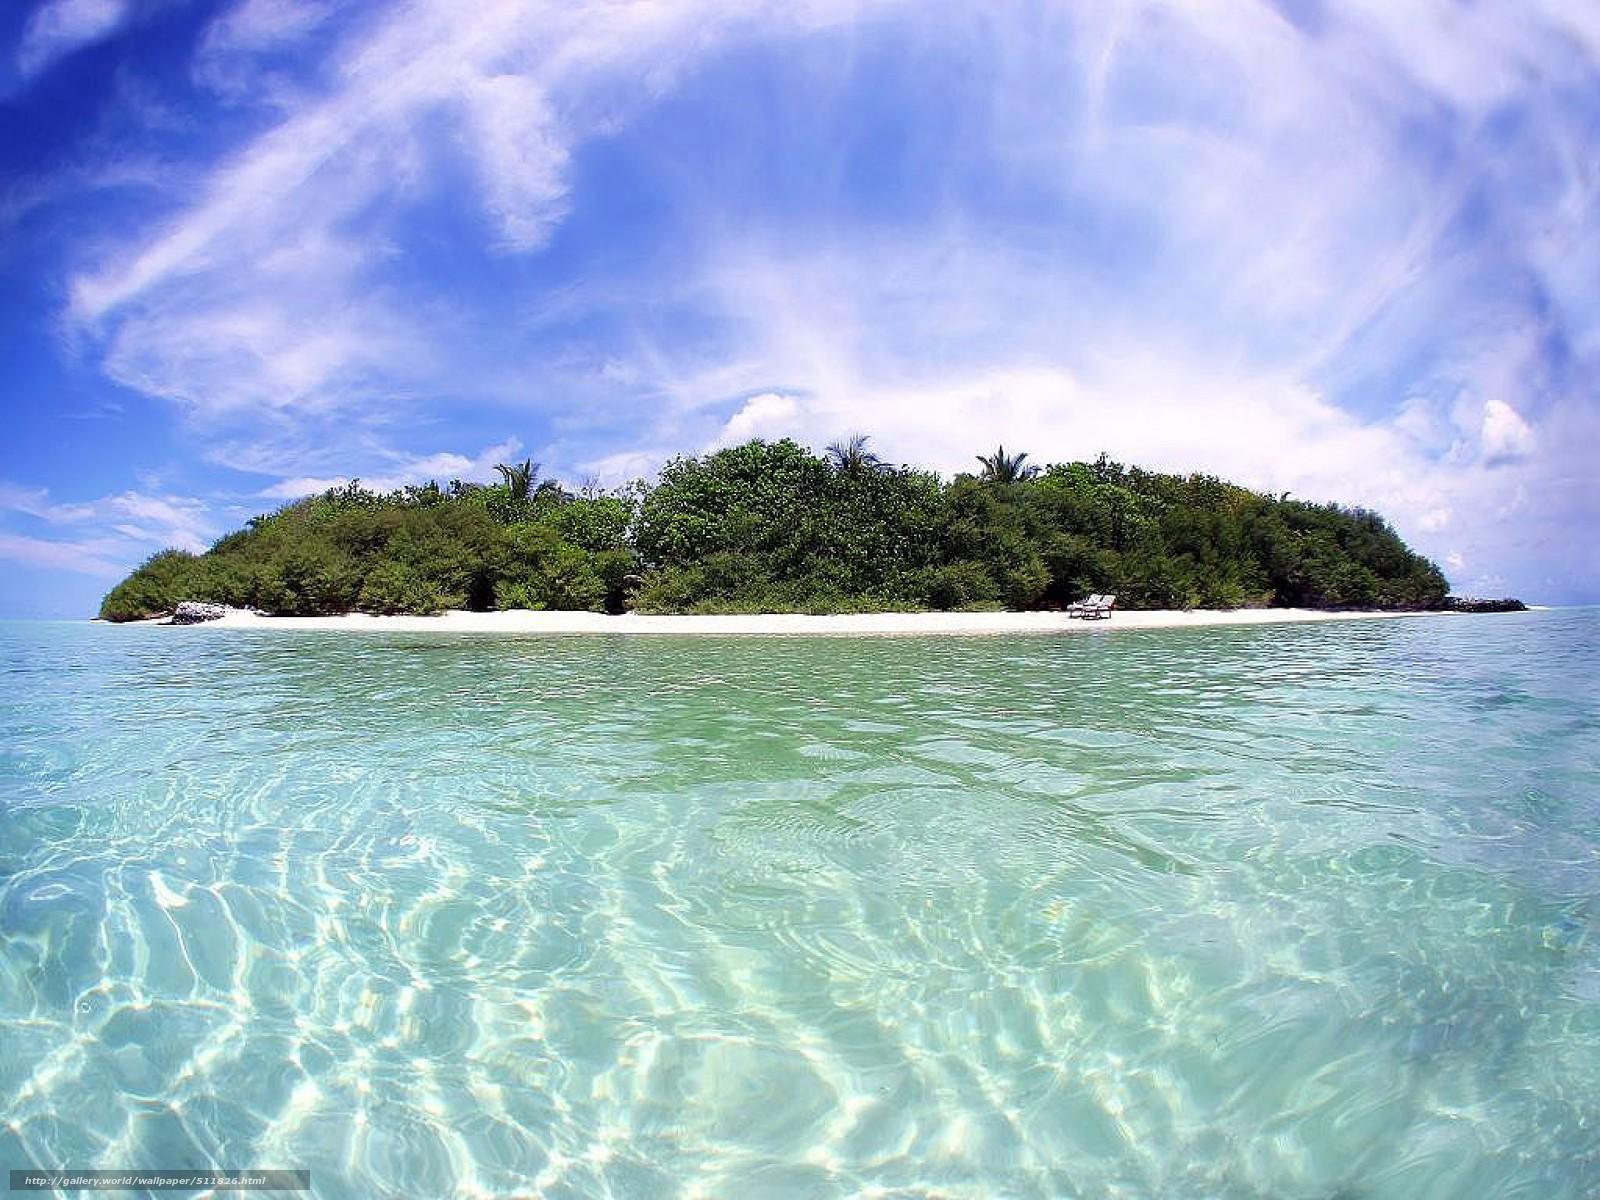 Остров счастья.  Лучшие картинки с изображением воды, реки, озера, моря и океаны).